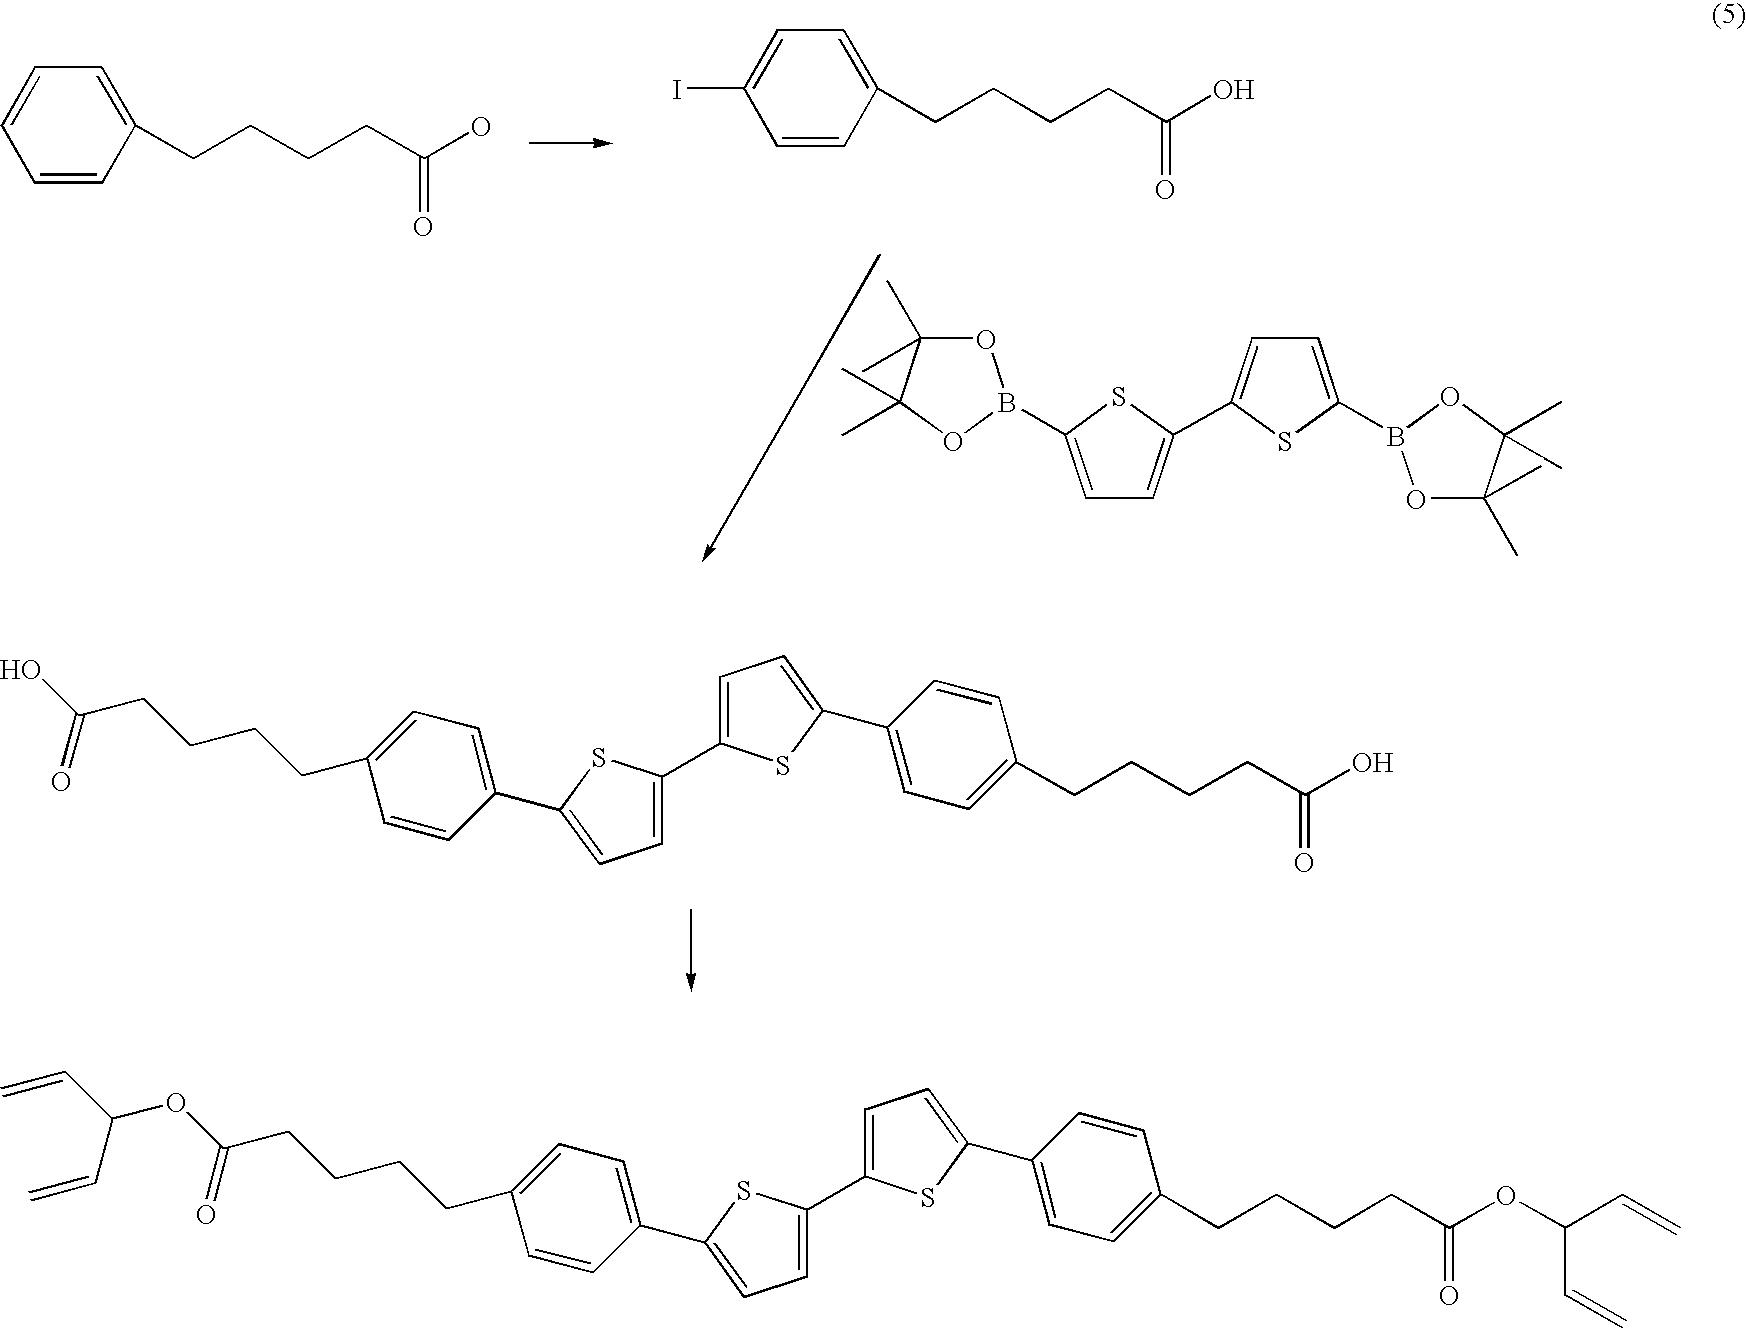 Figure US20050184274A1-20050825-C00016